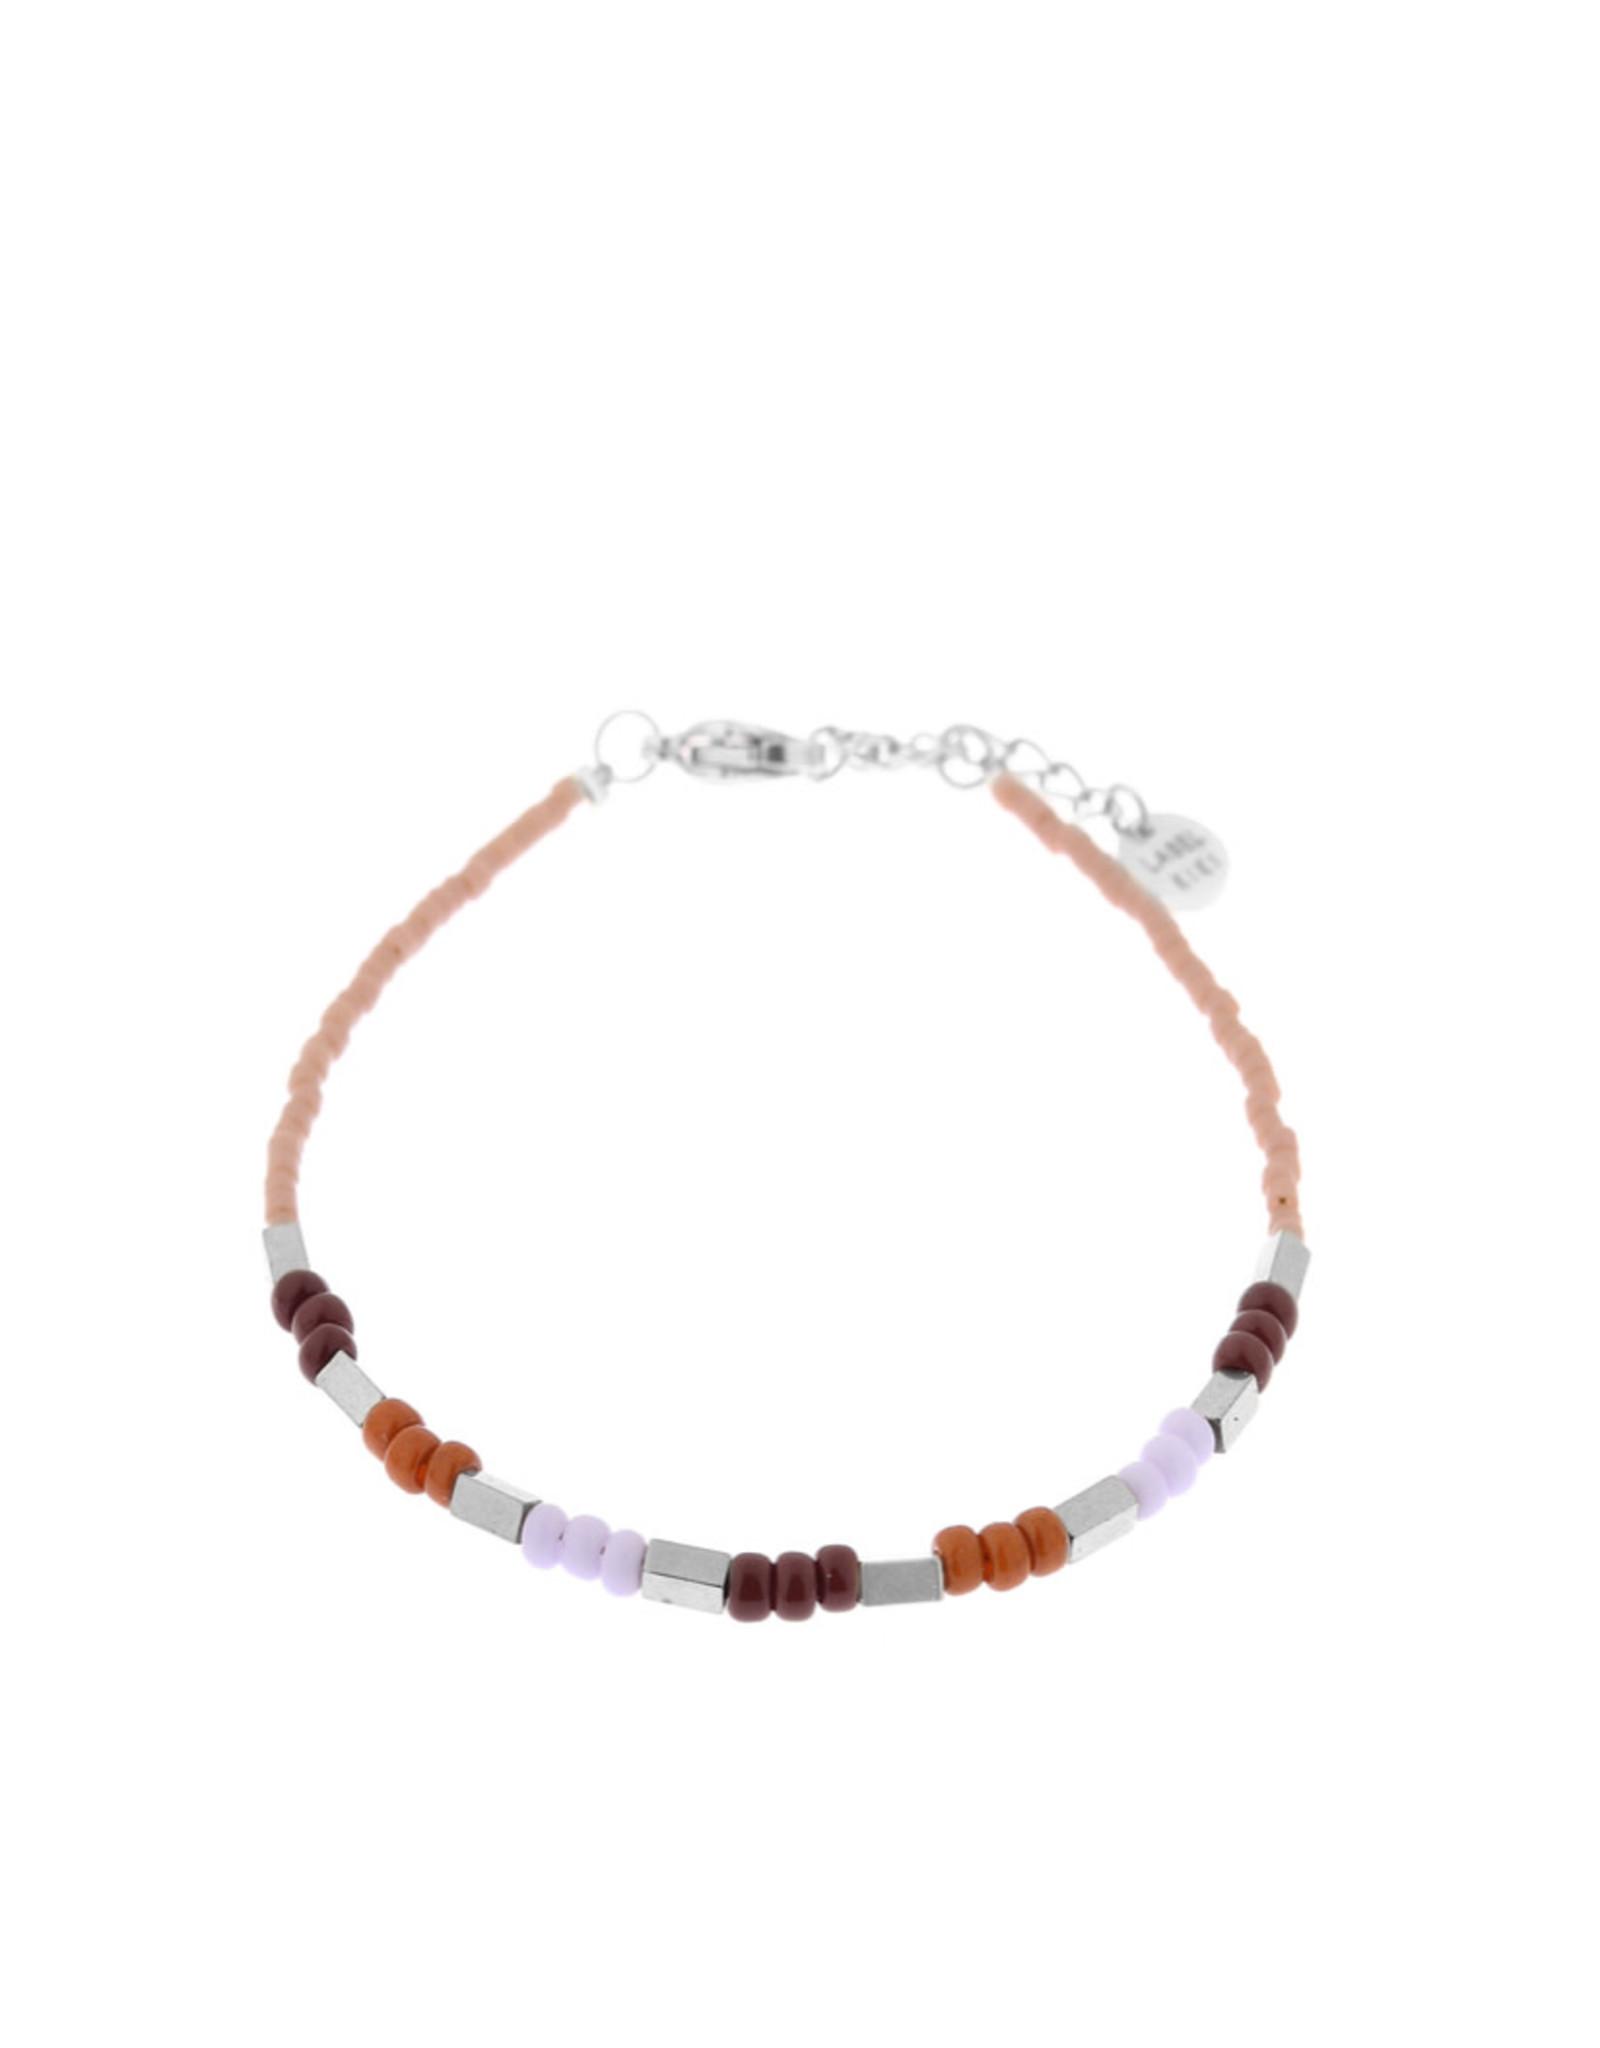 Label Kiki Armband - Pastel Beads Silver 2.0  - RVS - 16,5cm + 2,50 verlengketting